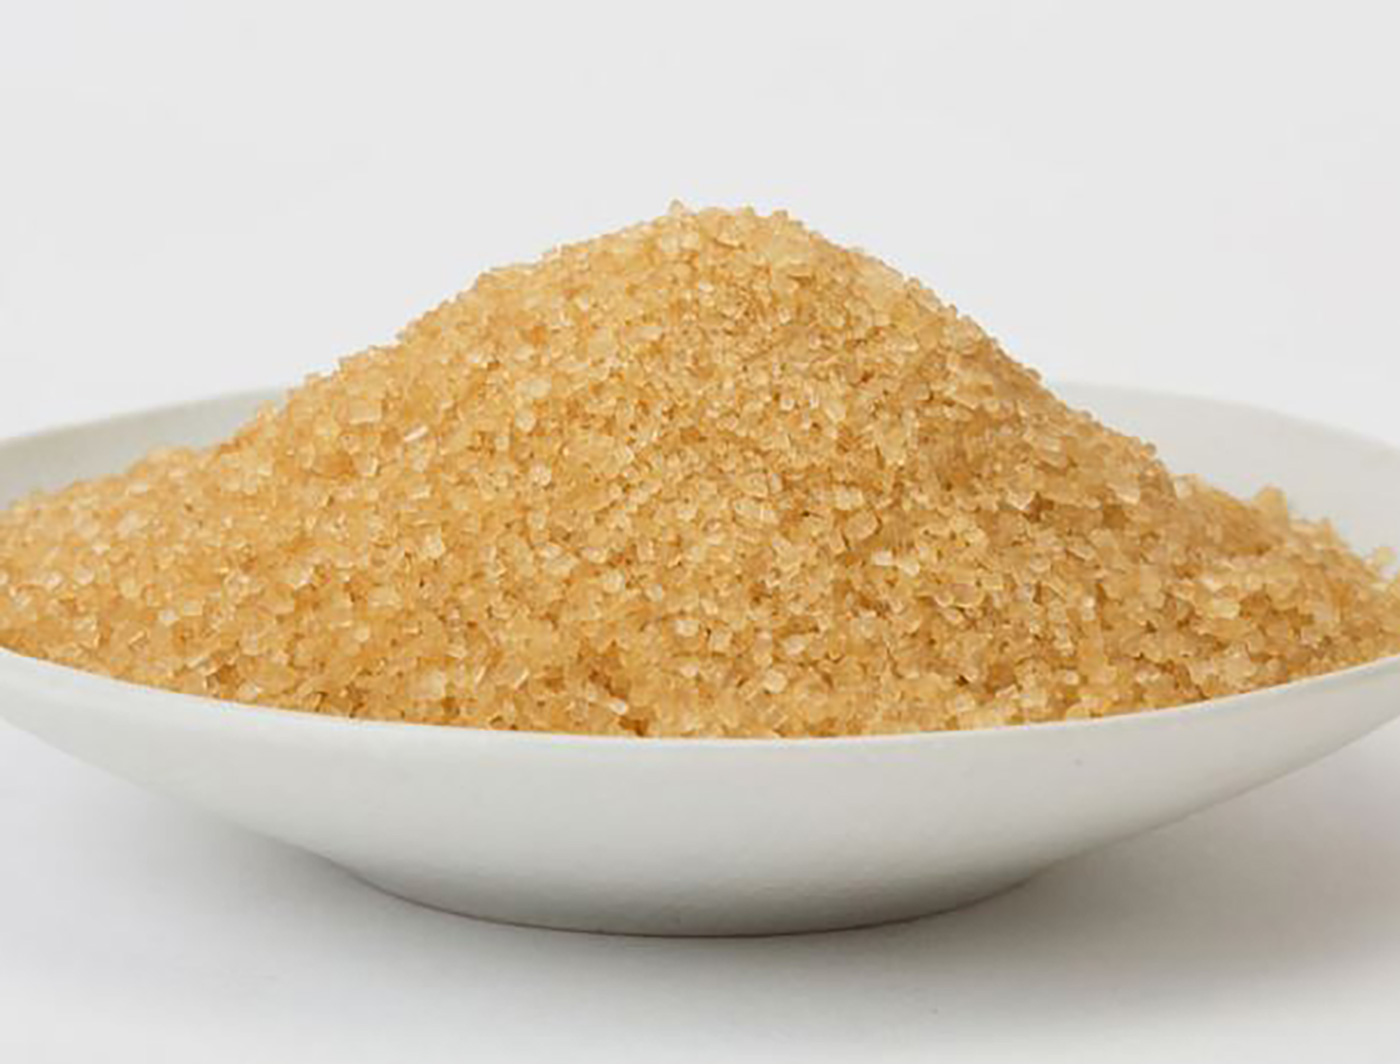 비정제 사탕수수 데메라라 설탕 원당(500g/1kg/5kg)/공정무역 비정제 설탕/사탕수수100% 화학처리NO/친환경 재배 상세이미지2